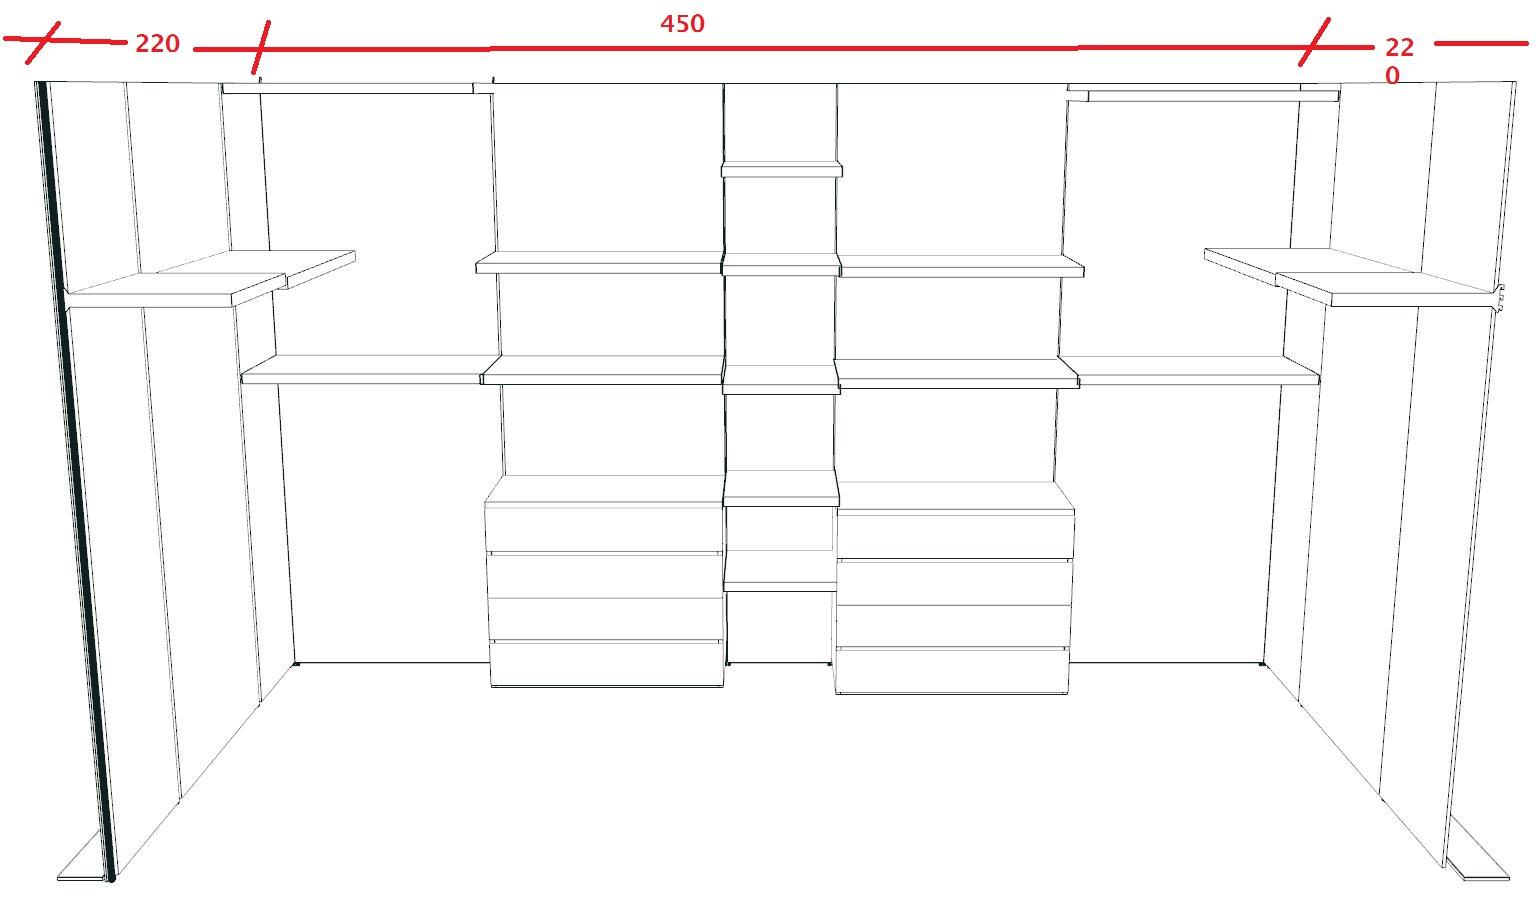 Cabina armadio Boiserie | stanza armadio in legno